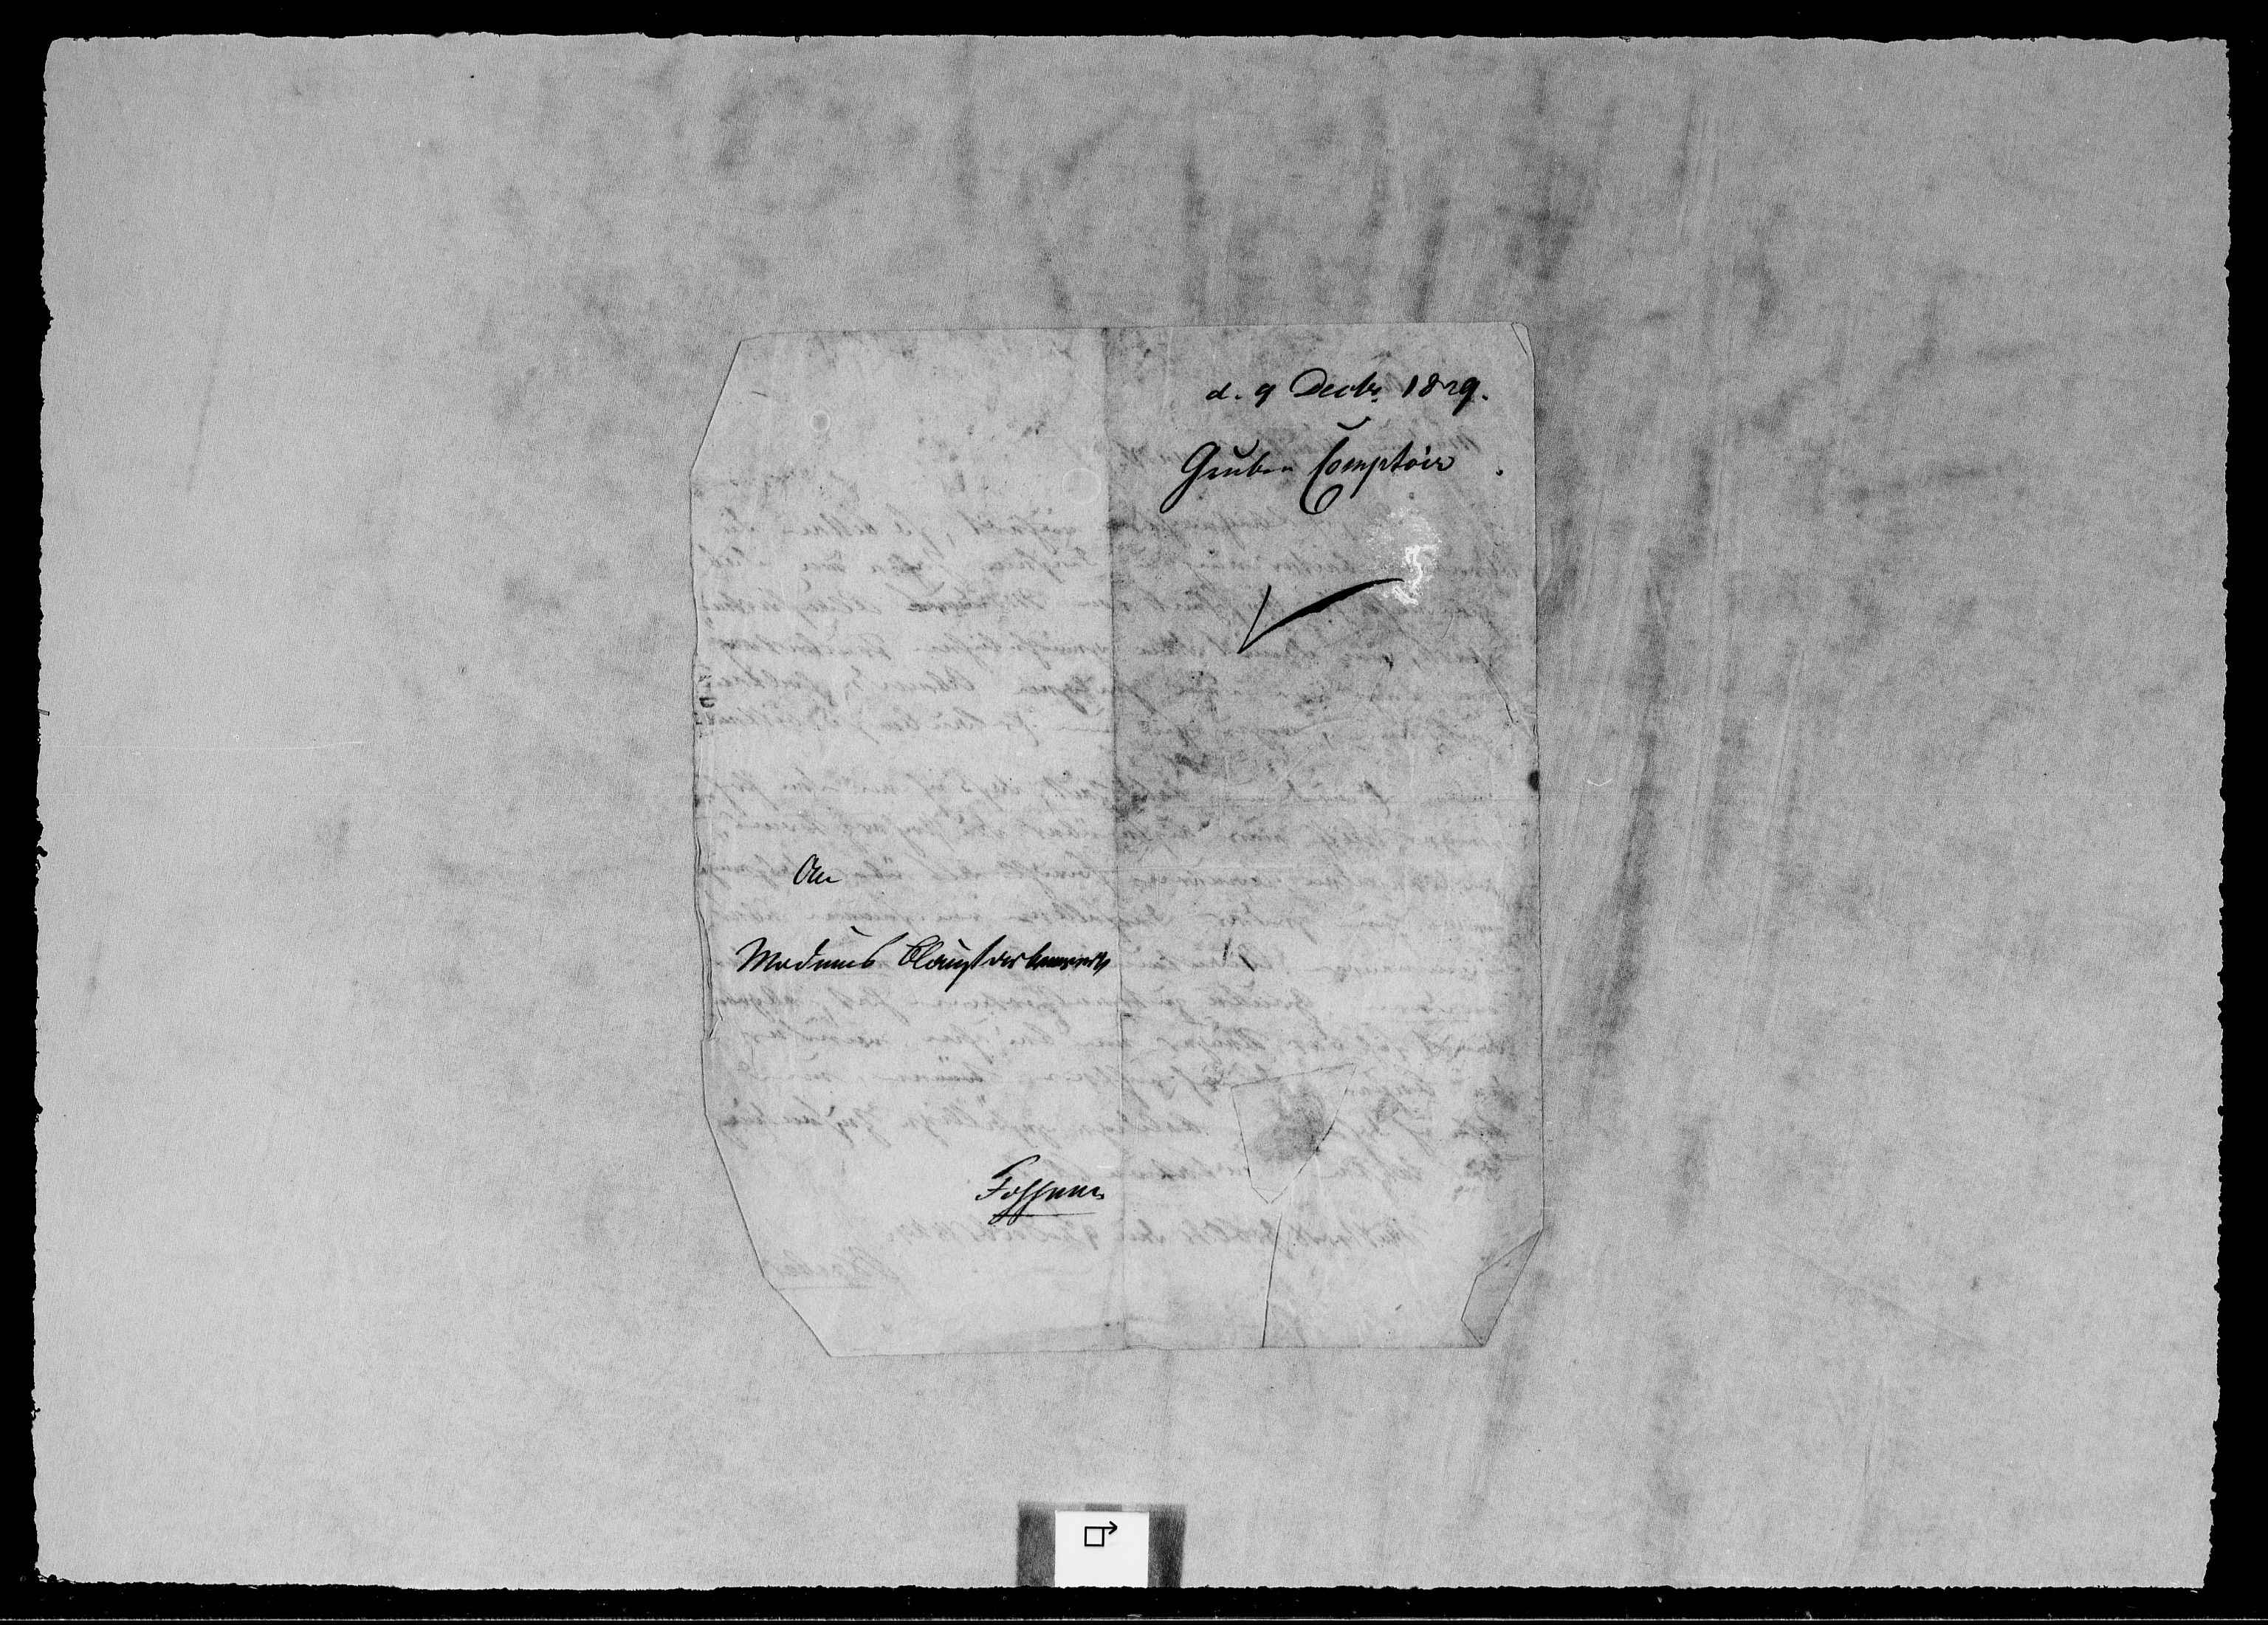 RA, Modums Blaafarveværk, G/Gb/L0103, 1829-1830, s. 2